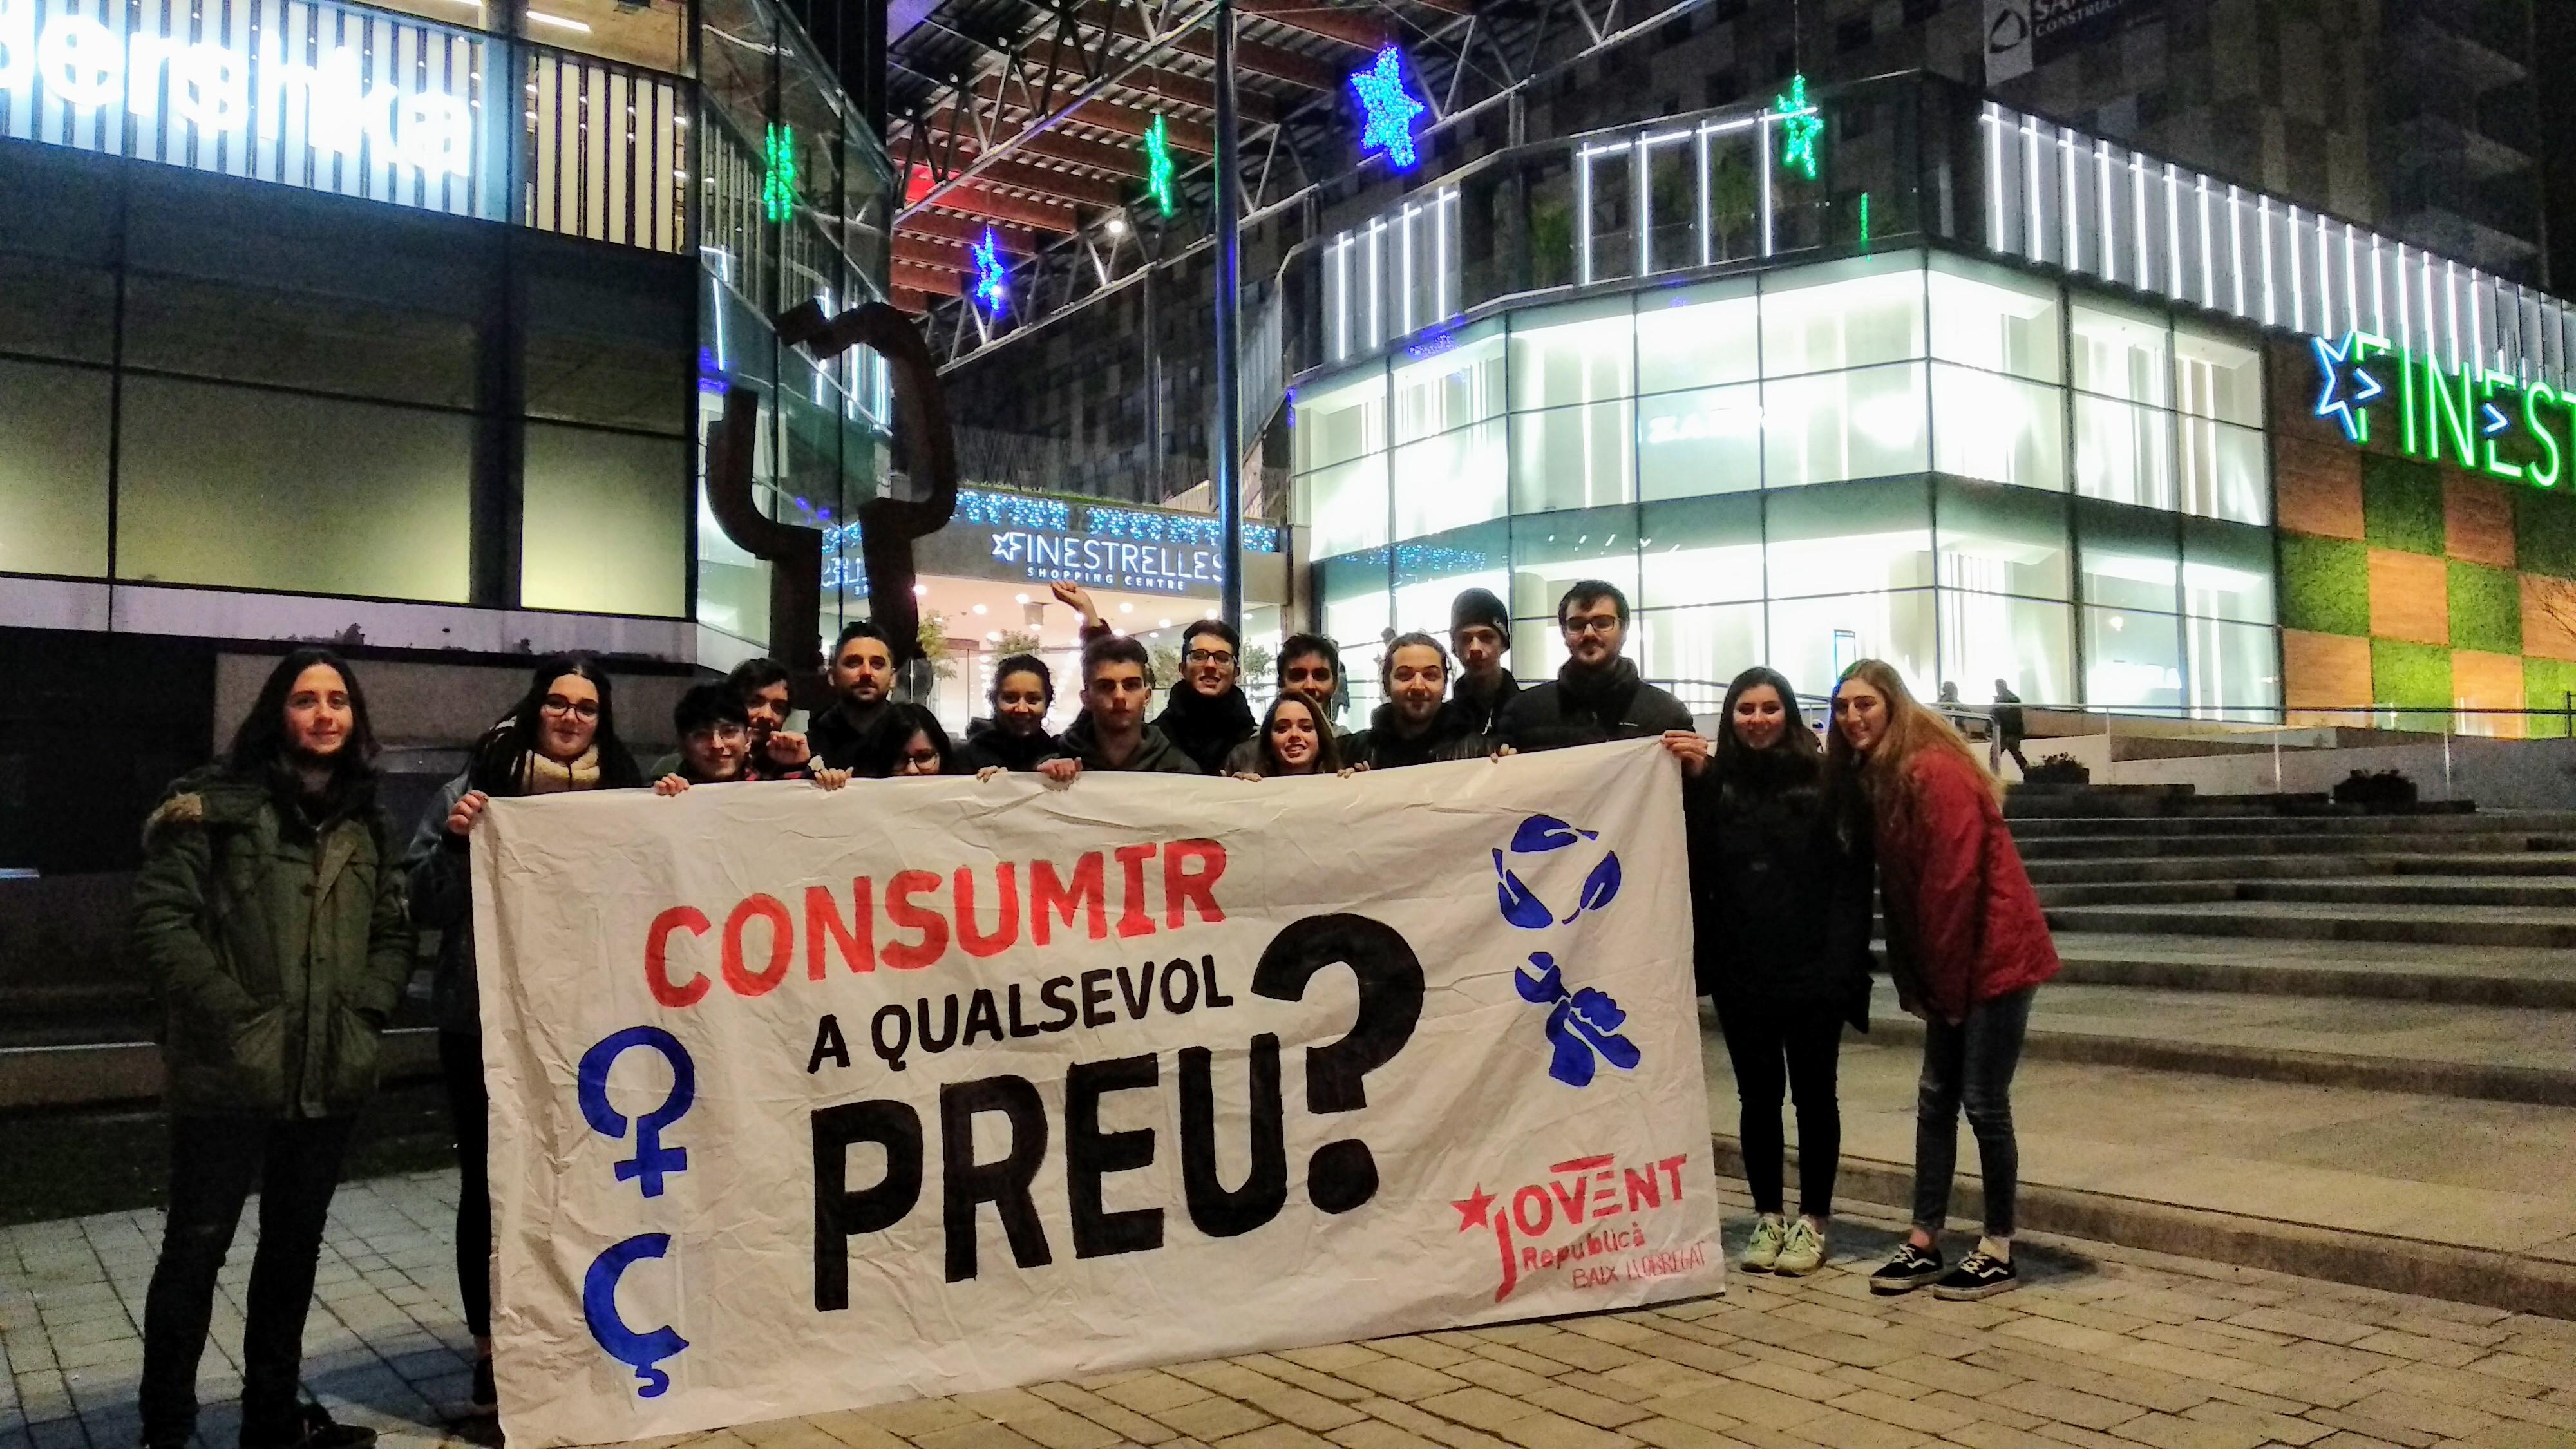 El Jovent Republicà del Baix Llobregat, a favor d'un consum responsable, just i feminista